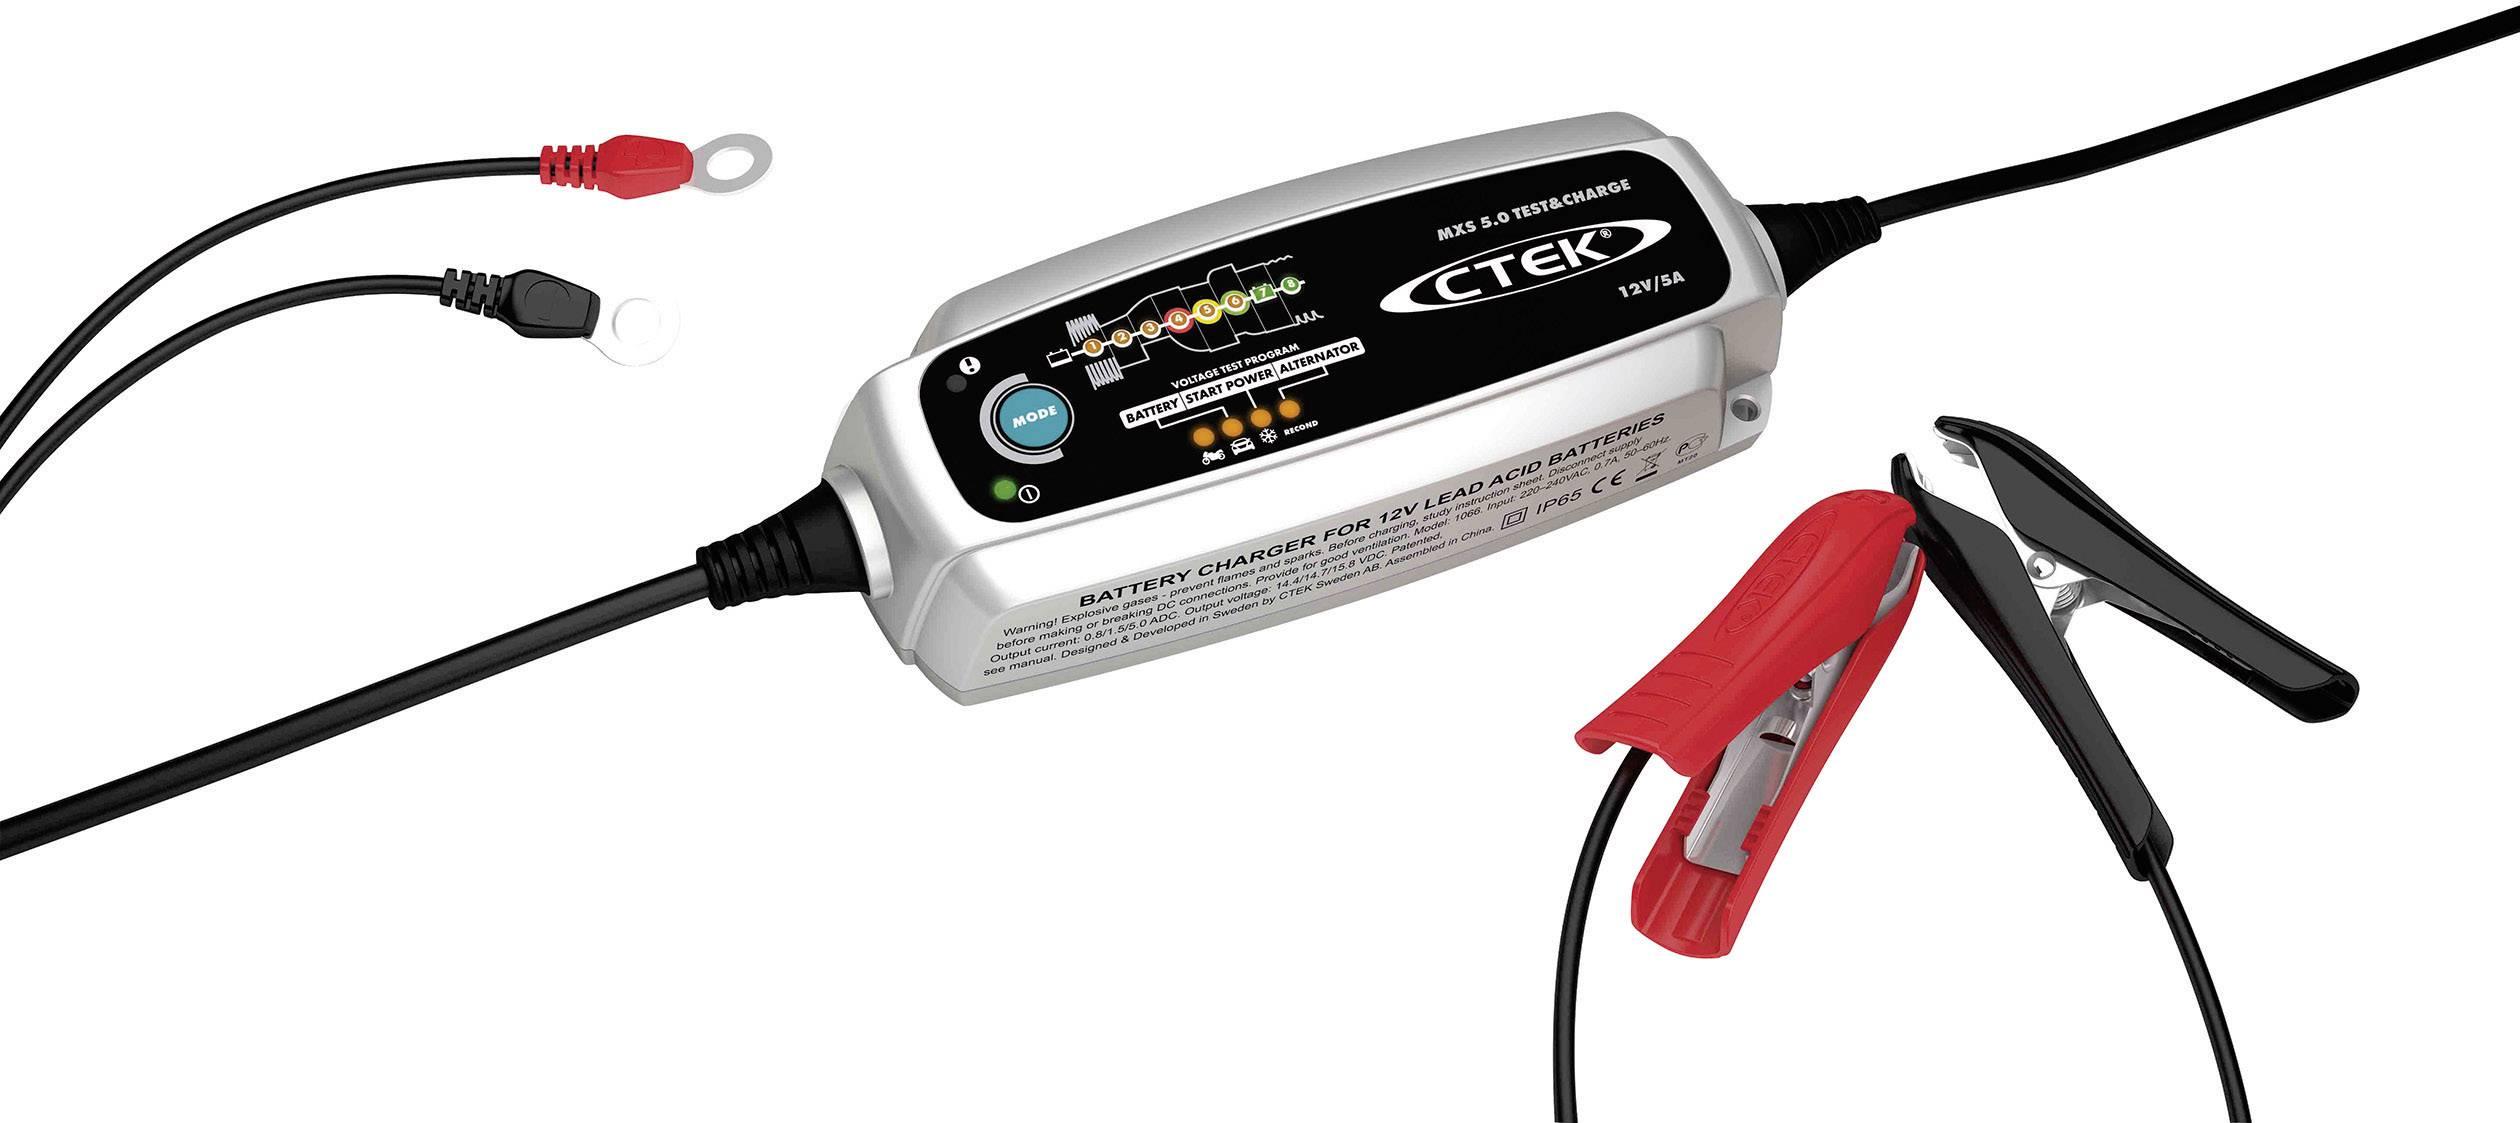 Automatická nabíječka autobaterií CTEK MXS 5.0, 0,8/5 A, 12 V